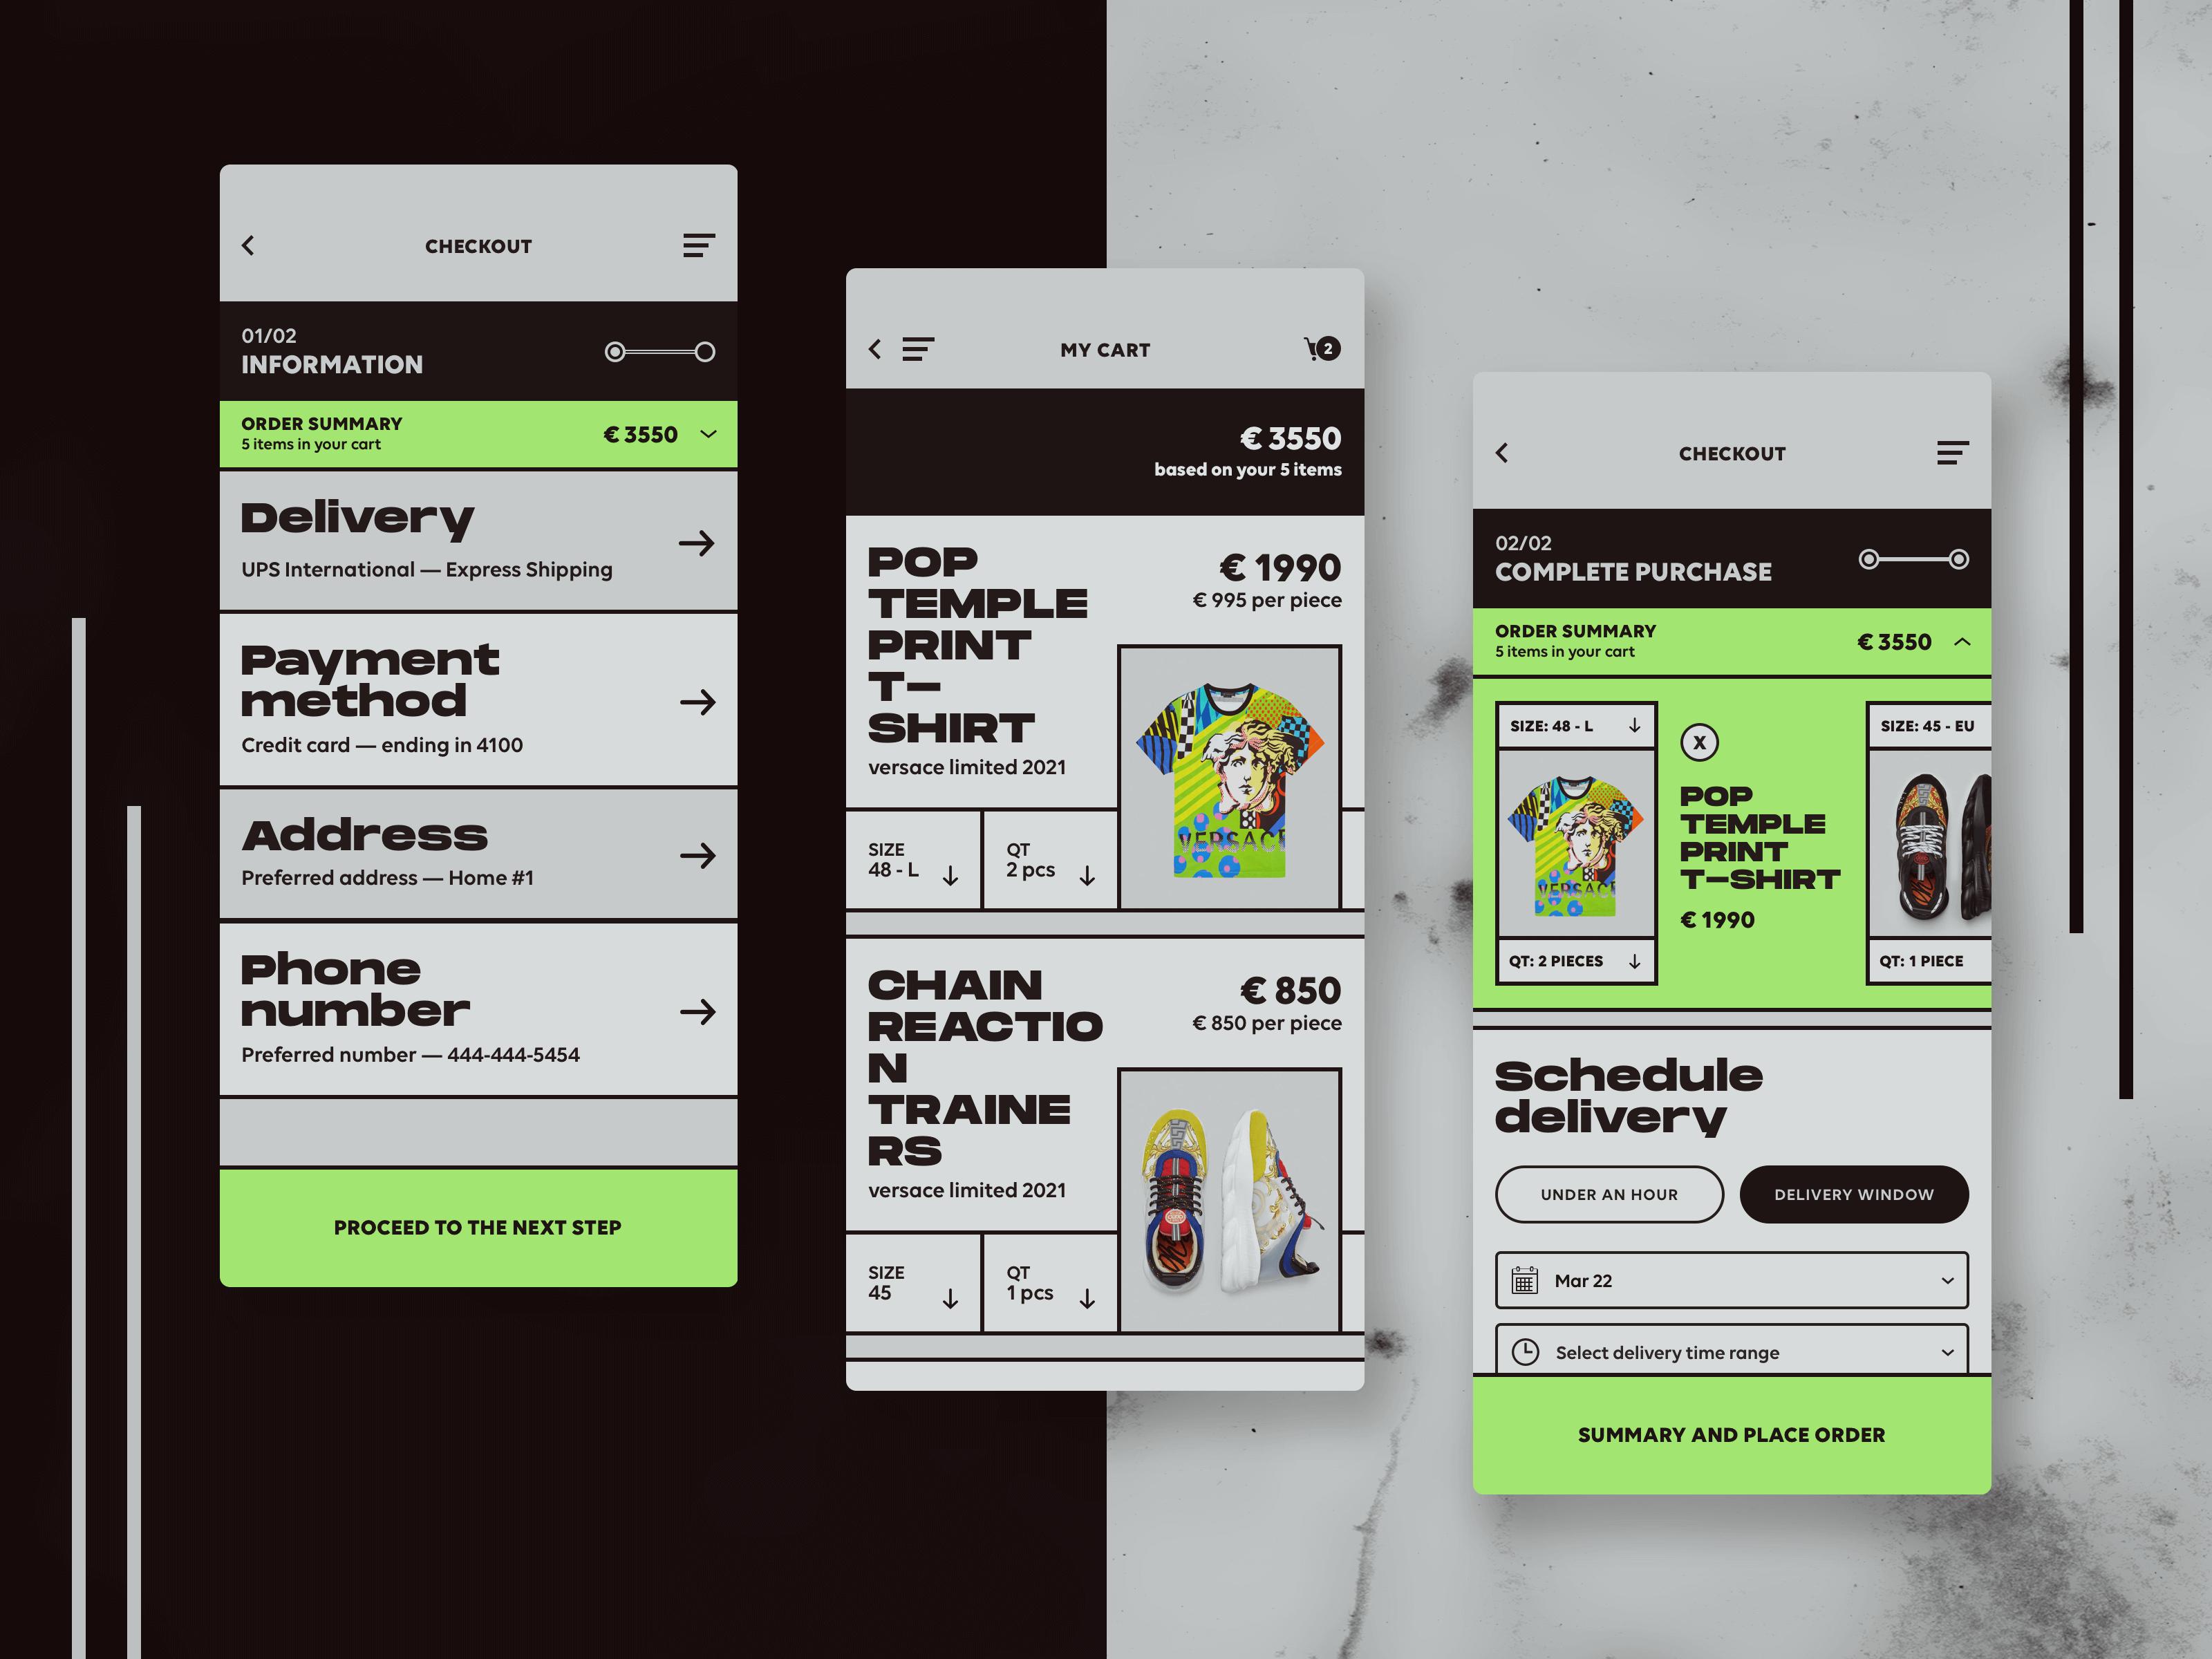 High-End-Fashion-Store-iOS-App-Design-2-1